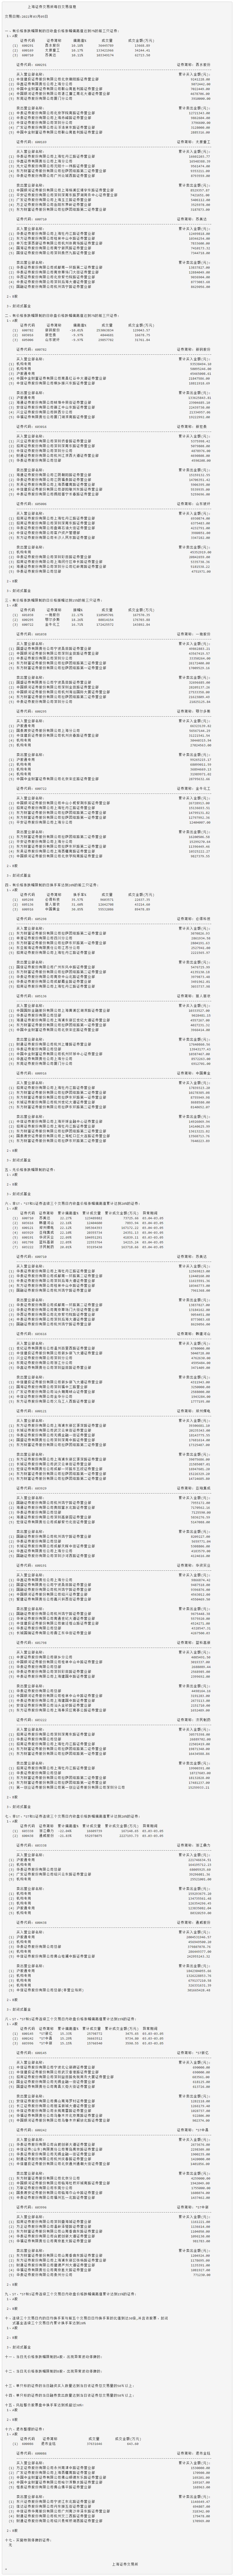 3月5日沪市活跃股公开信息(A股)